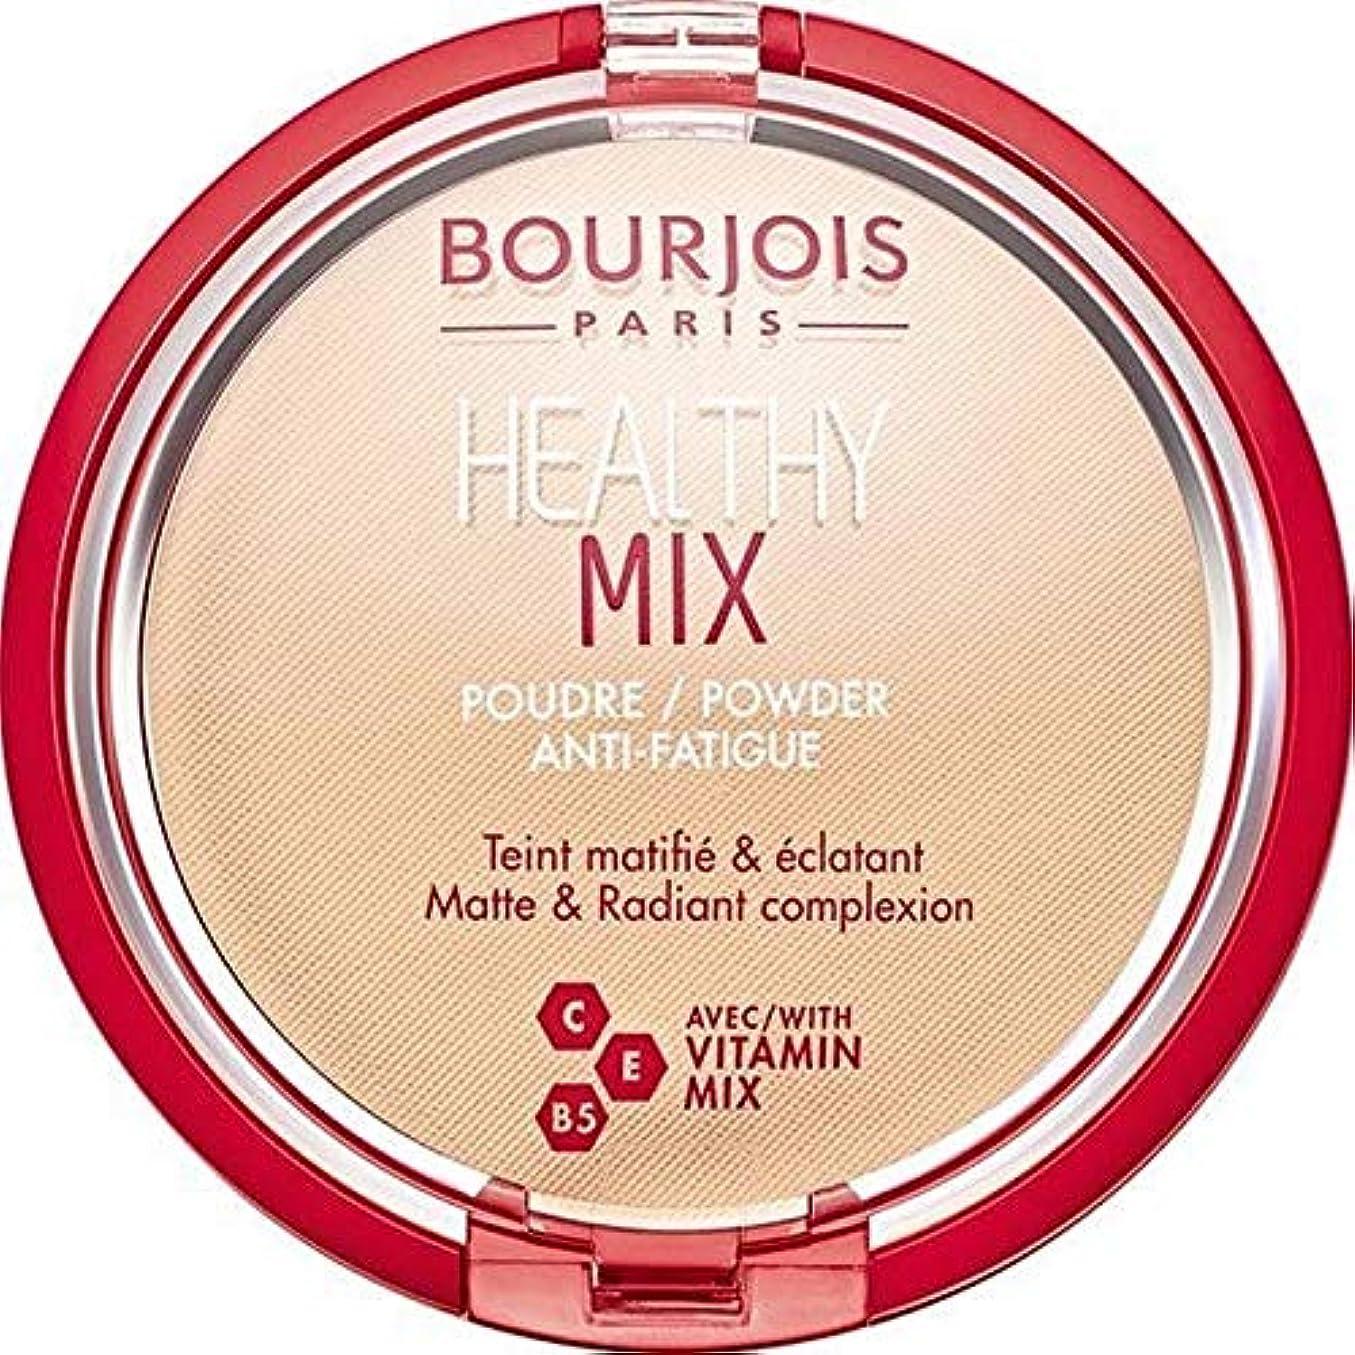 規則性格納シーン[Bourjois ] ブルジョワヘルシーミックス粉1を押します - Bourjois Healthy Mix Pressed Powder 1 [並行輸入品]